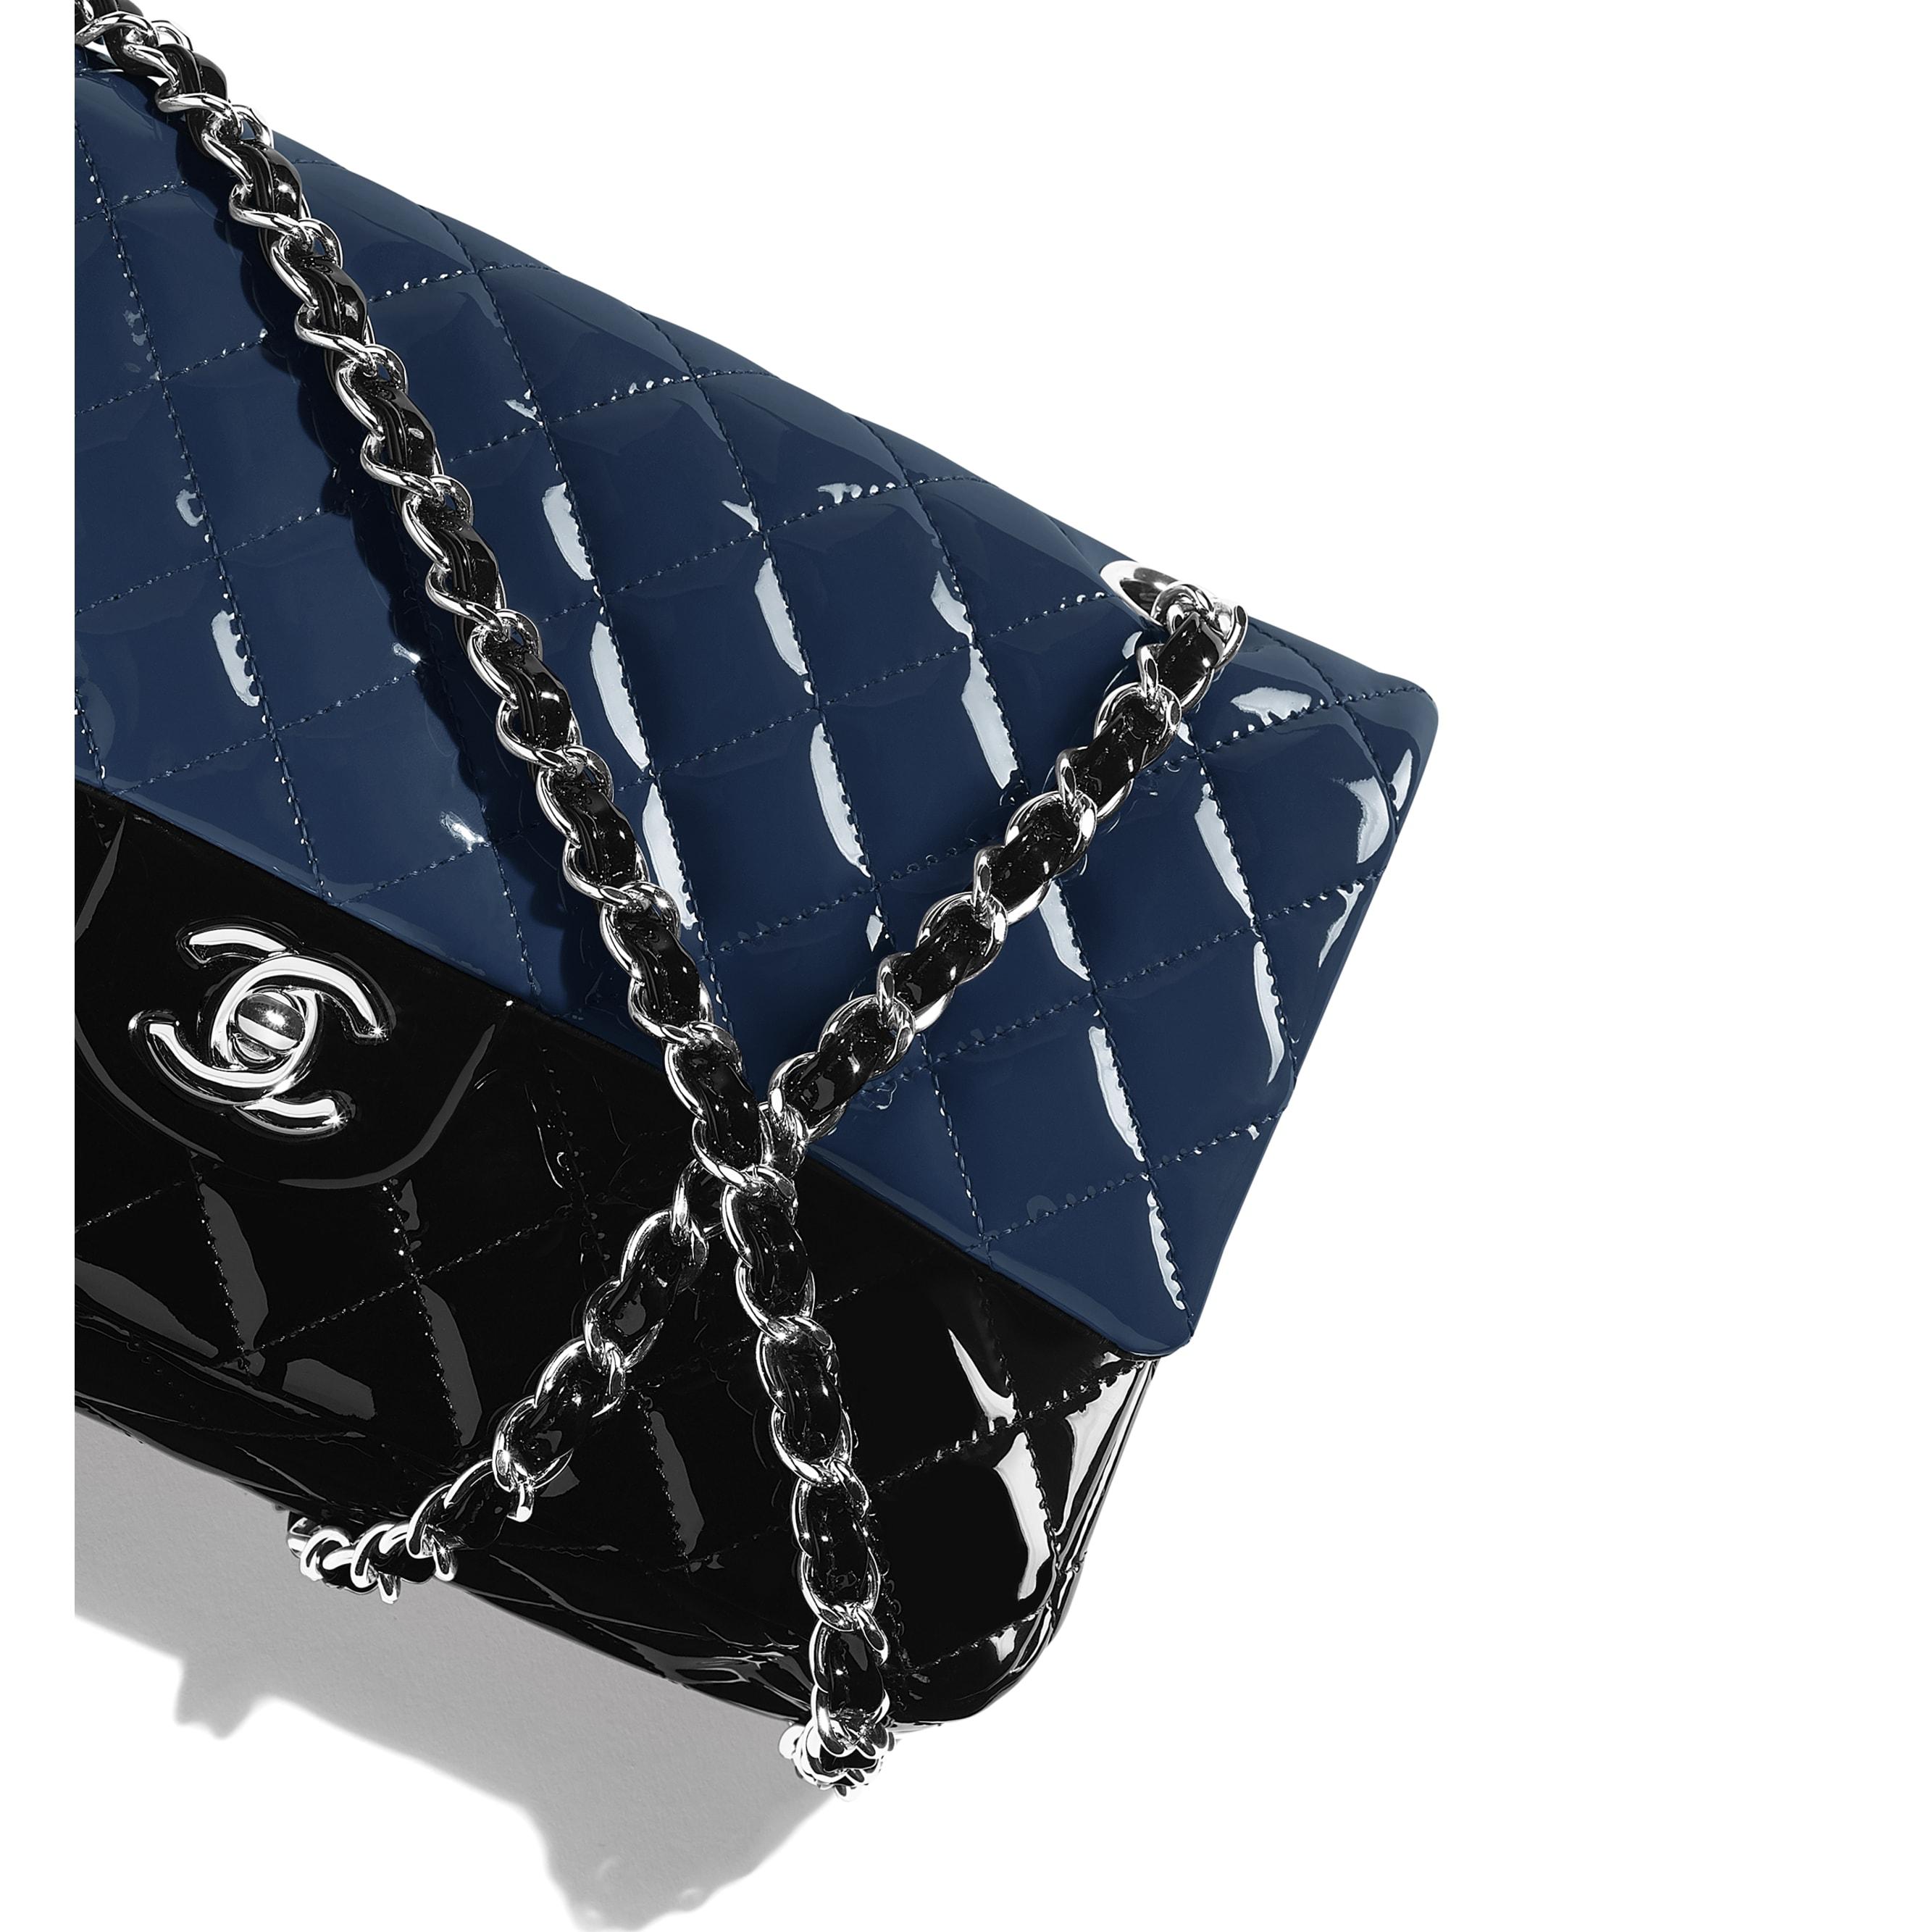 經典口蓋包 - 海軍藍與黑 - 小牛漆皮與銀色金屬 - CHANEL - 額外視圖 - 查看標準尺寸版本